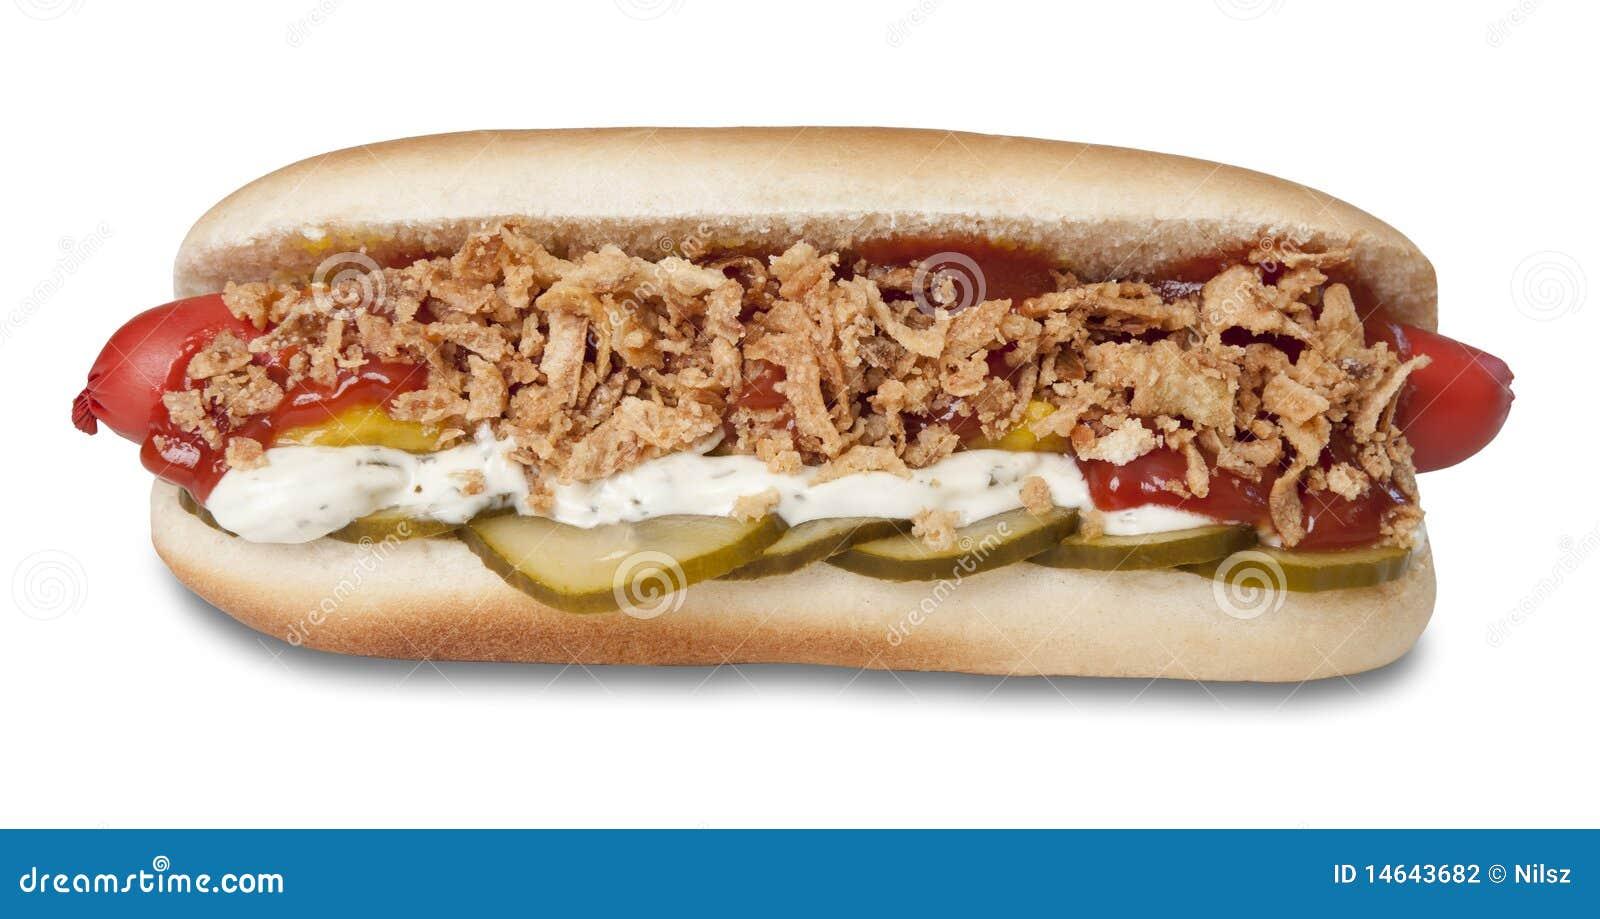 danish original hot dog stock photography image 14643682. Black Bedroom Furniture Sets. Home Design Ideas